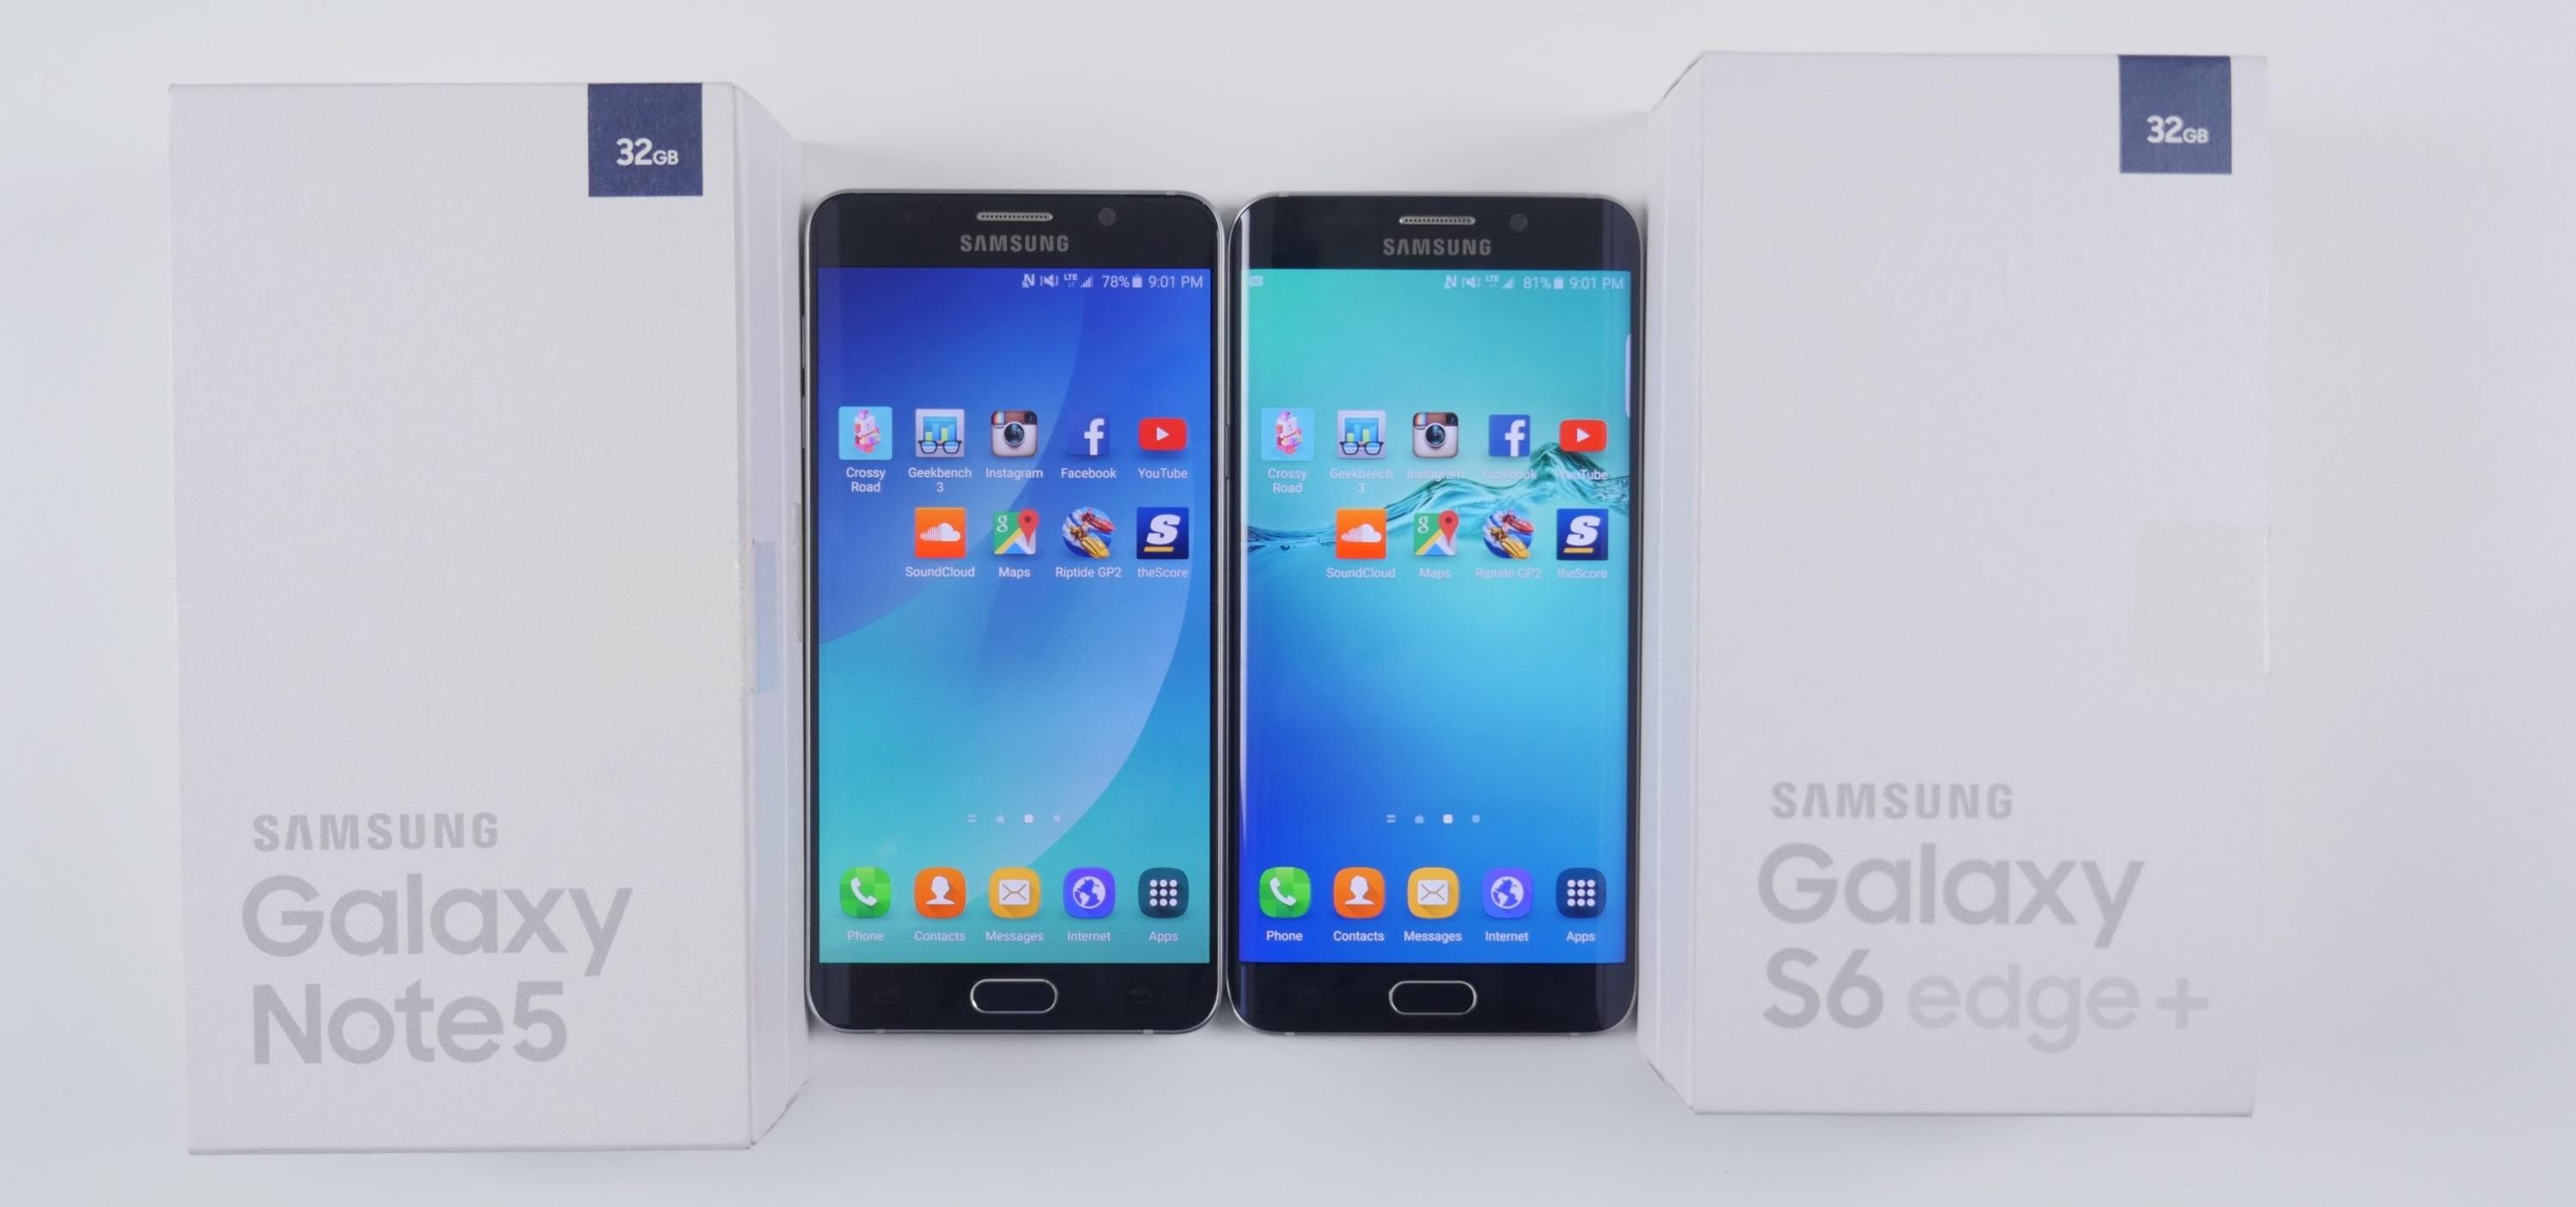 Ngoại hình tổng thể khó phân biệt giữa Note 5 và Galaxy S6 Edge Plus.